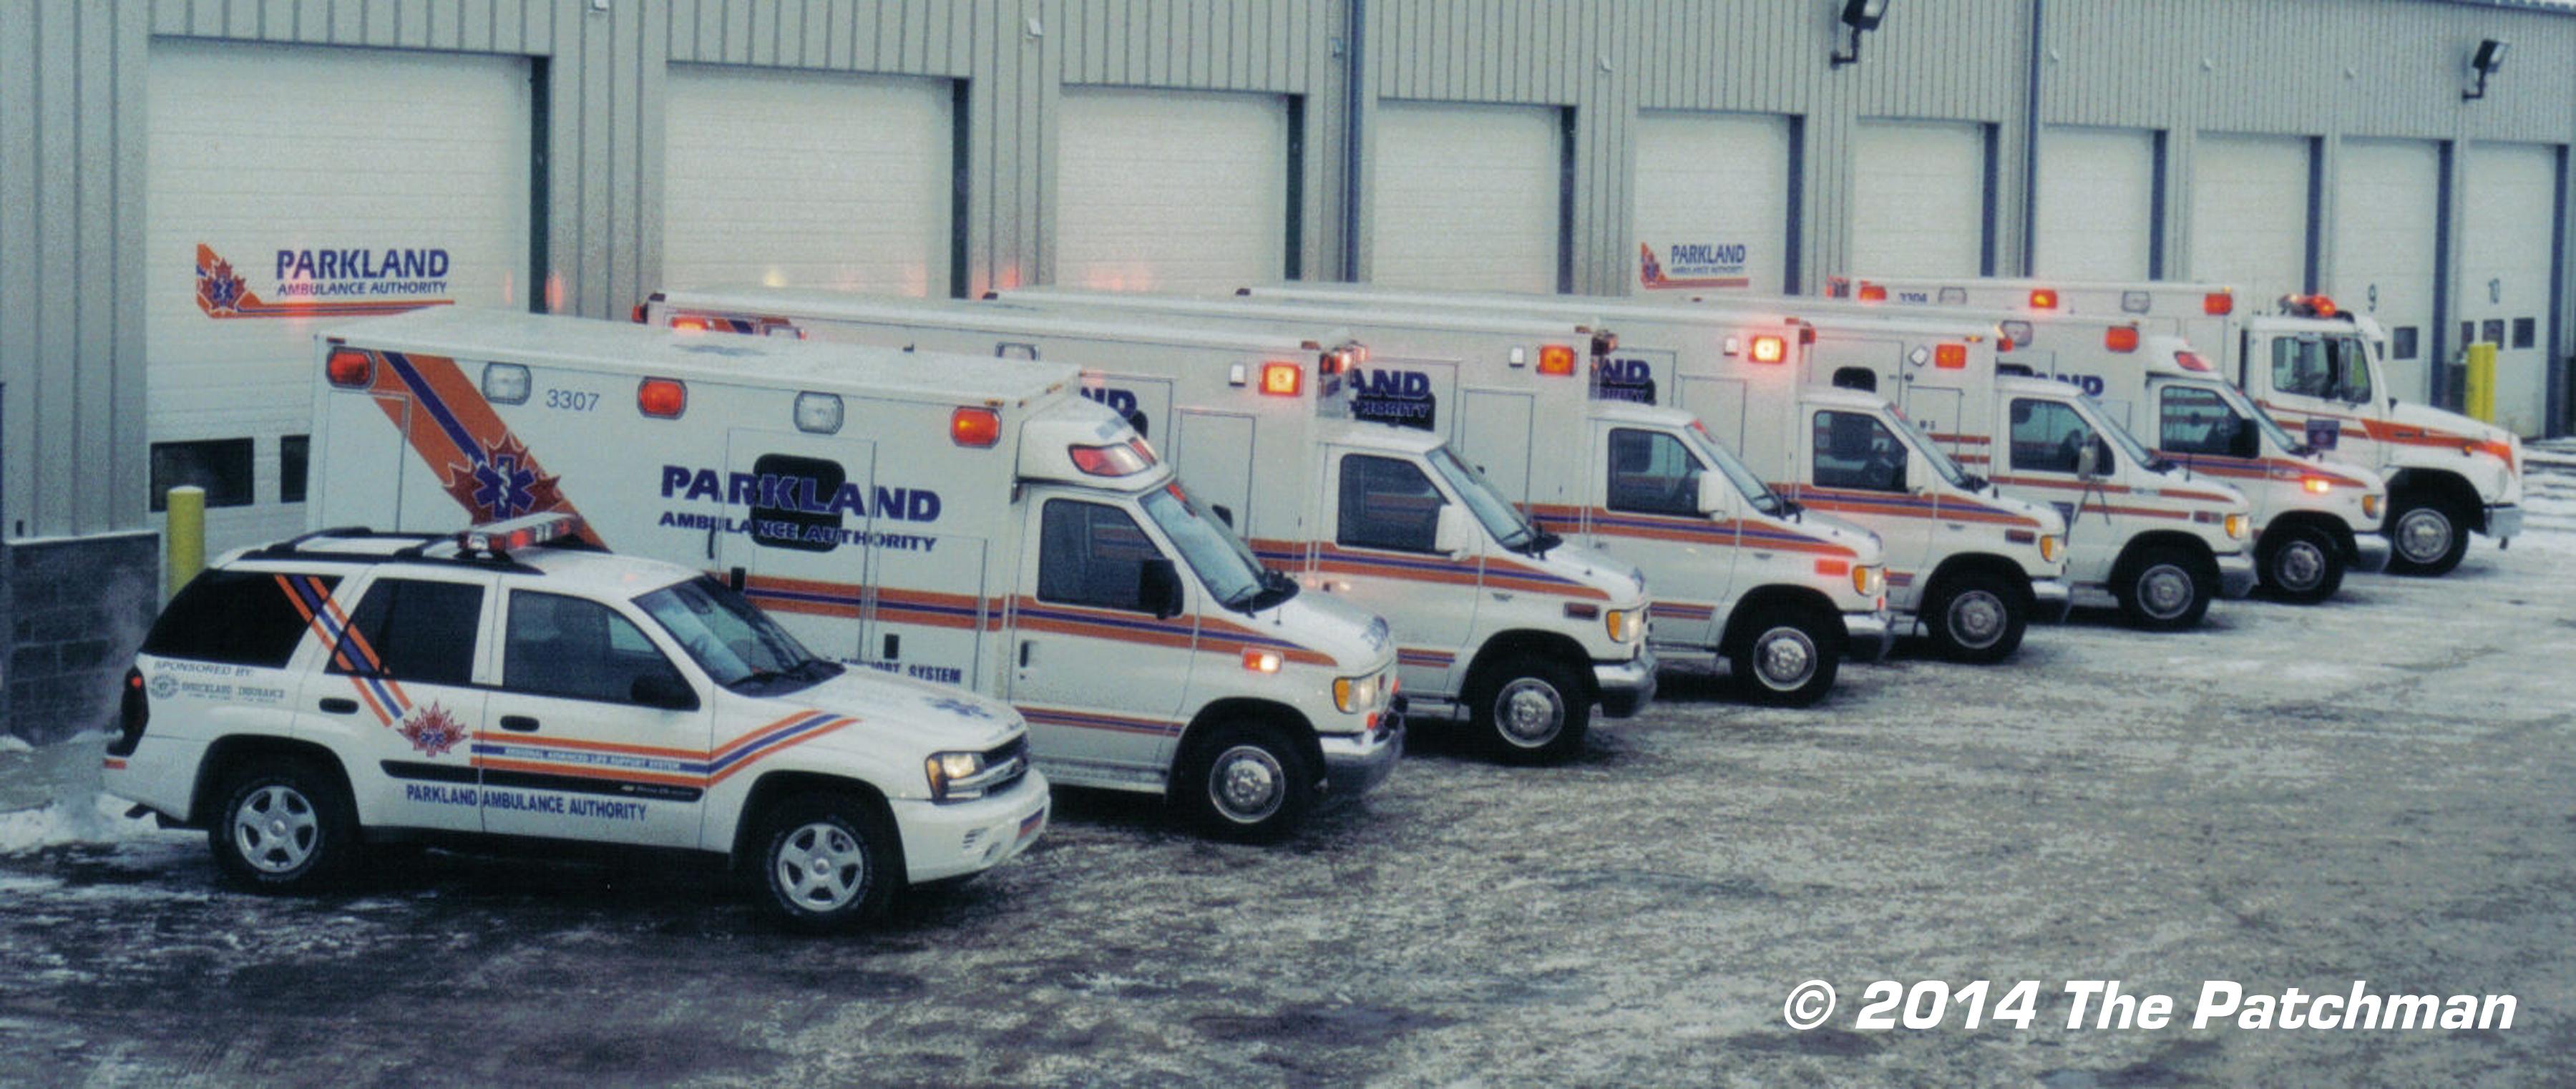 Parkland Ambulance Authority